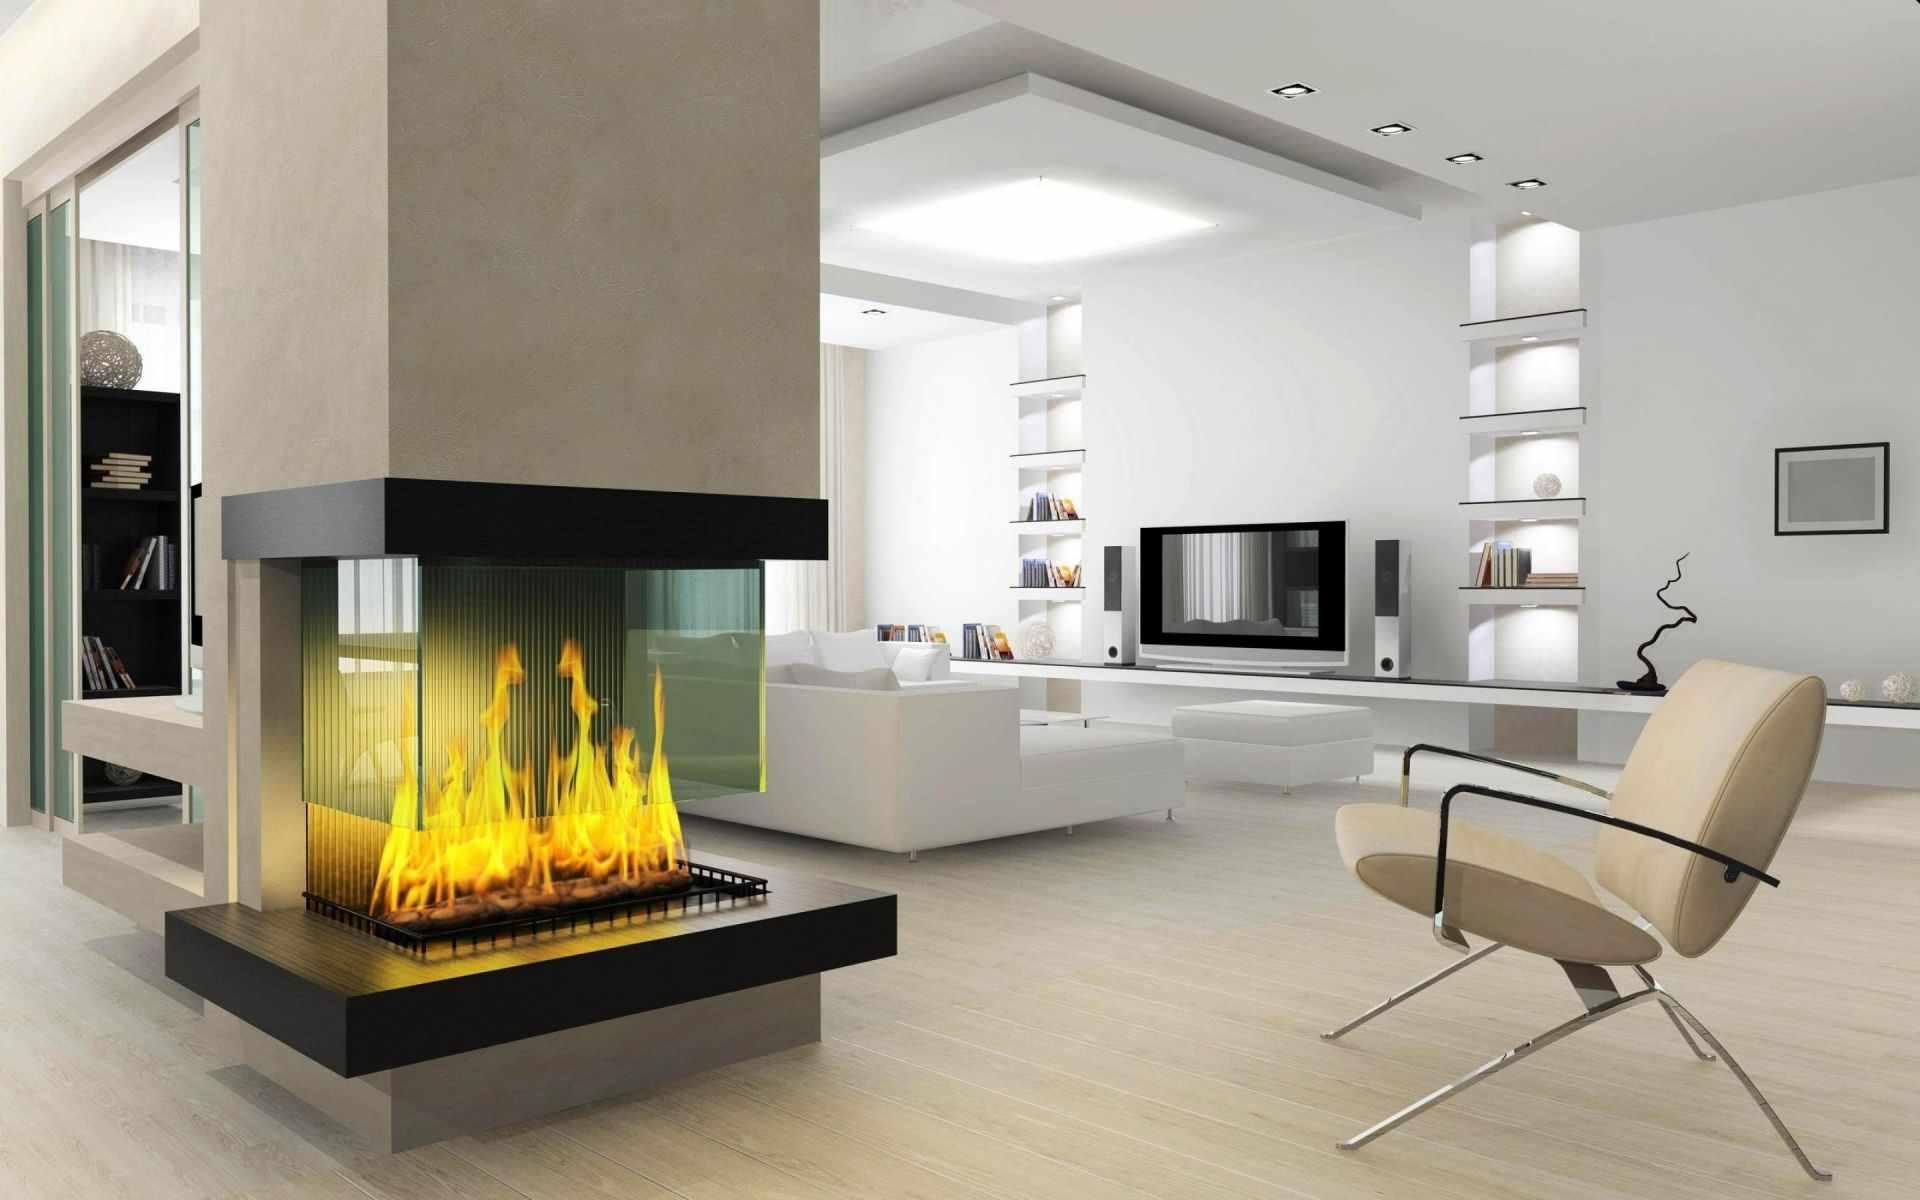 вариант применения необычного стиля гостиной комнаты с камином